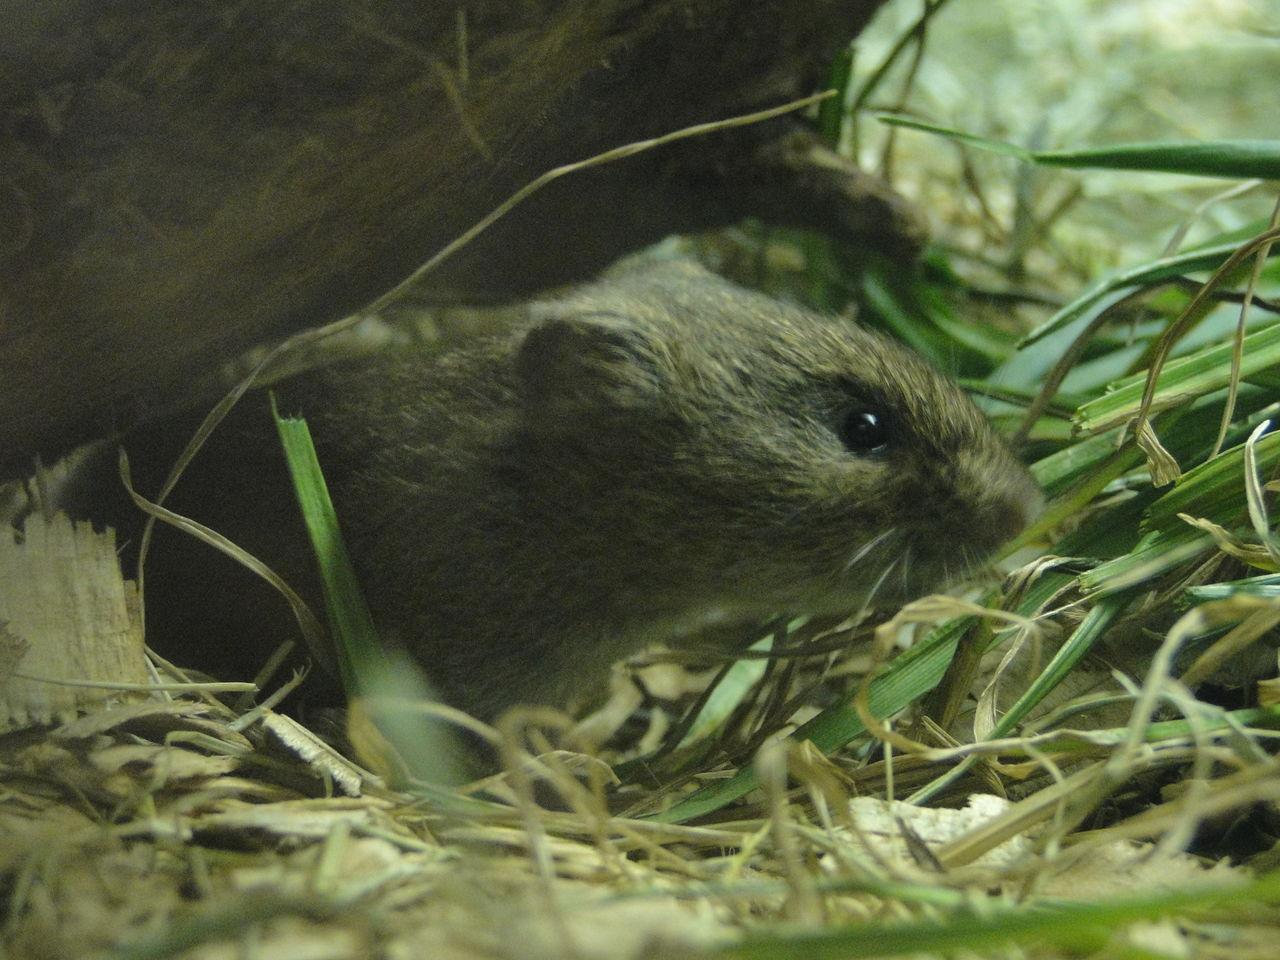 ハタネズミの画像 p1_4